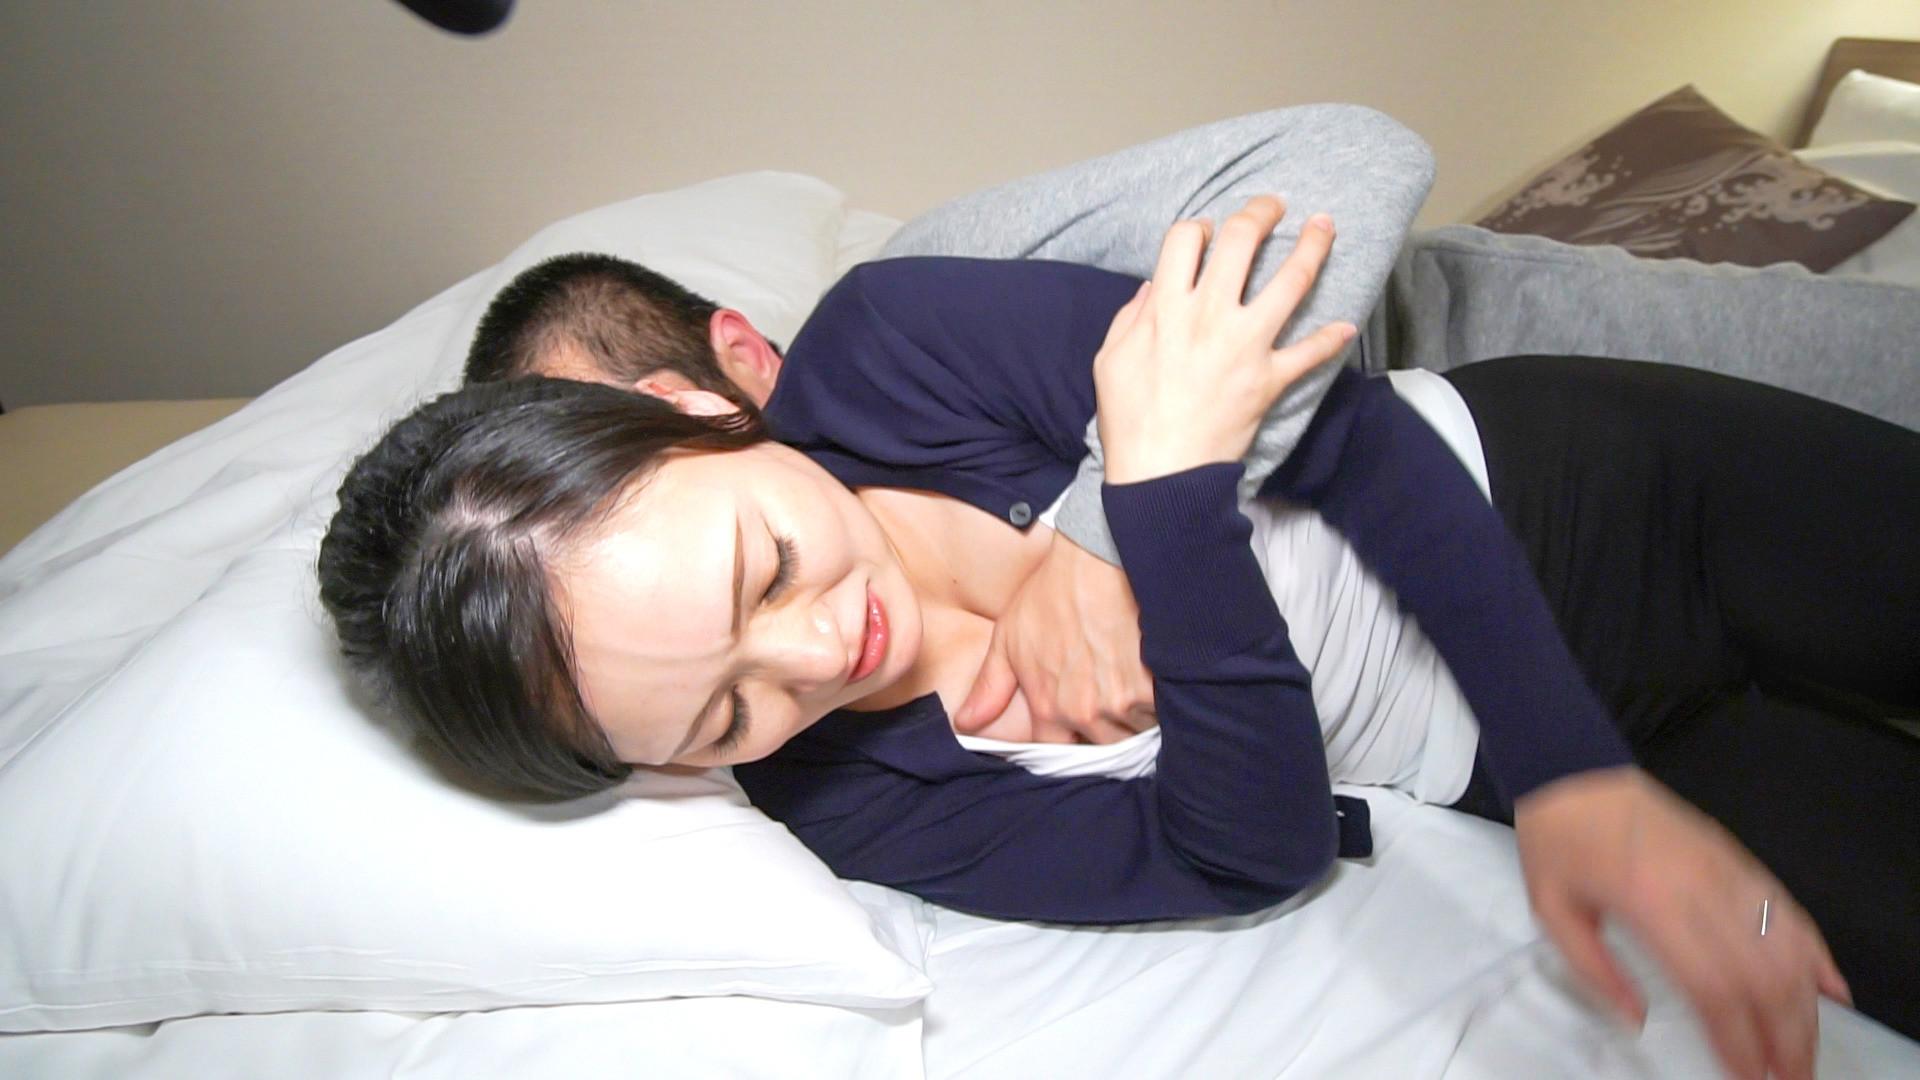 胸の谷間でお客様を誘うエロマッサージ師 涼香37歳 画像2